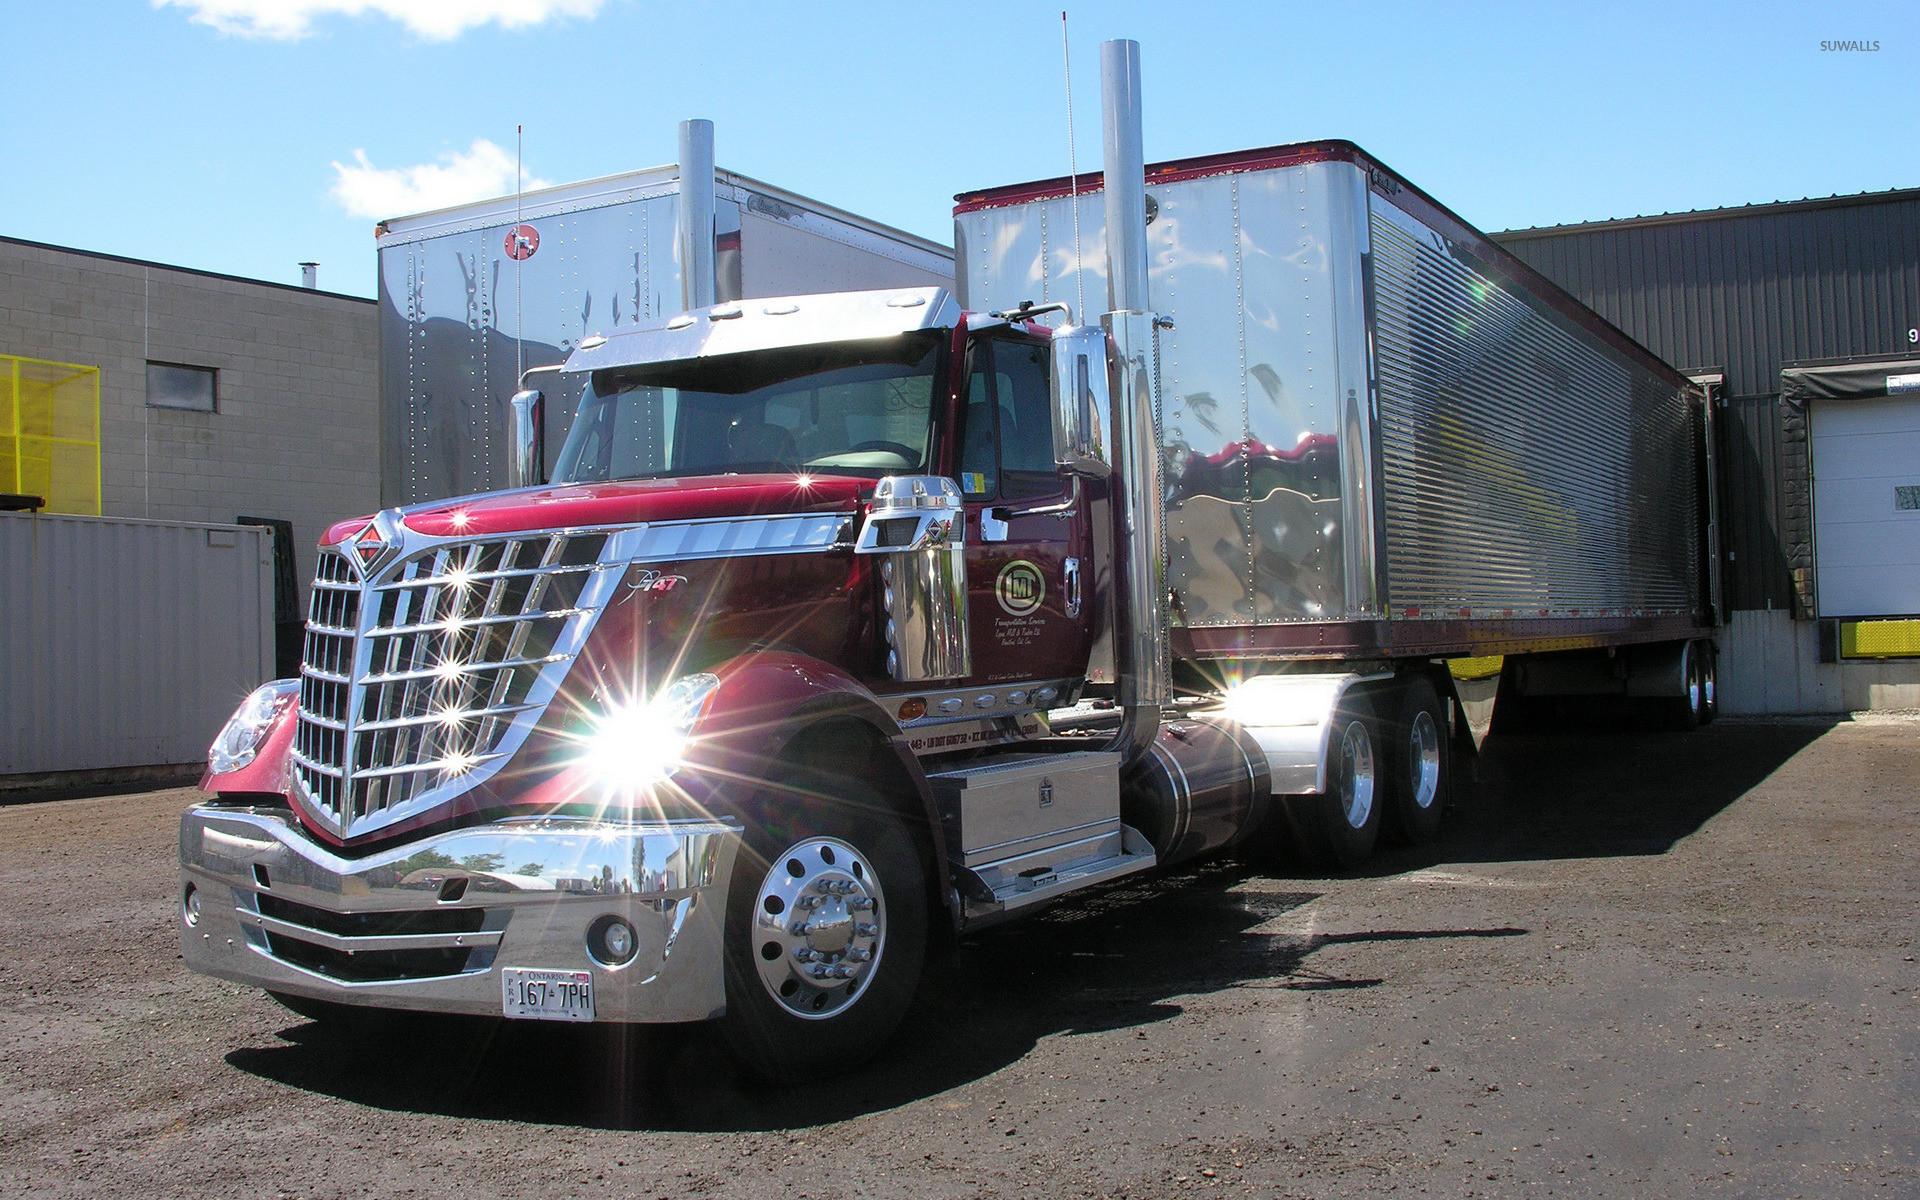 Red Navistar International truck wallpaper jpg